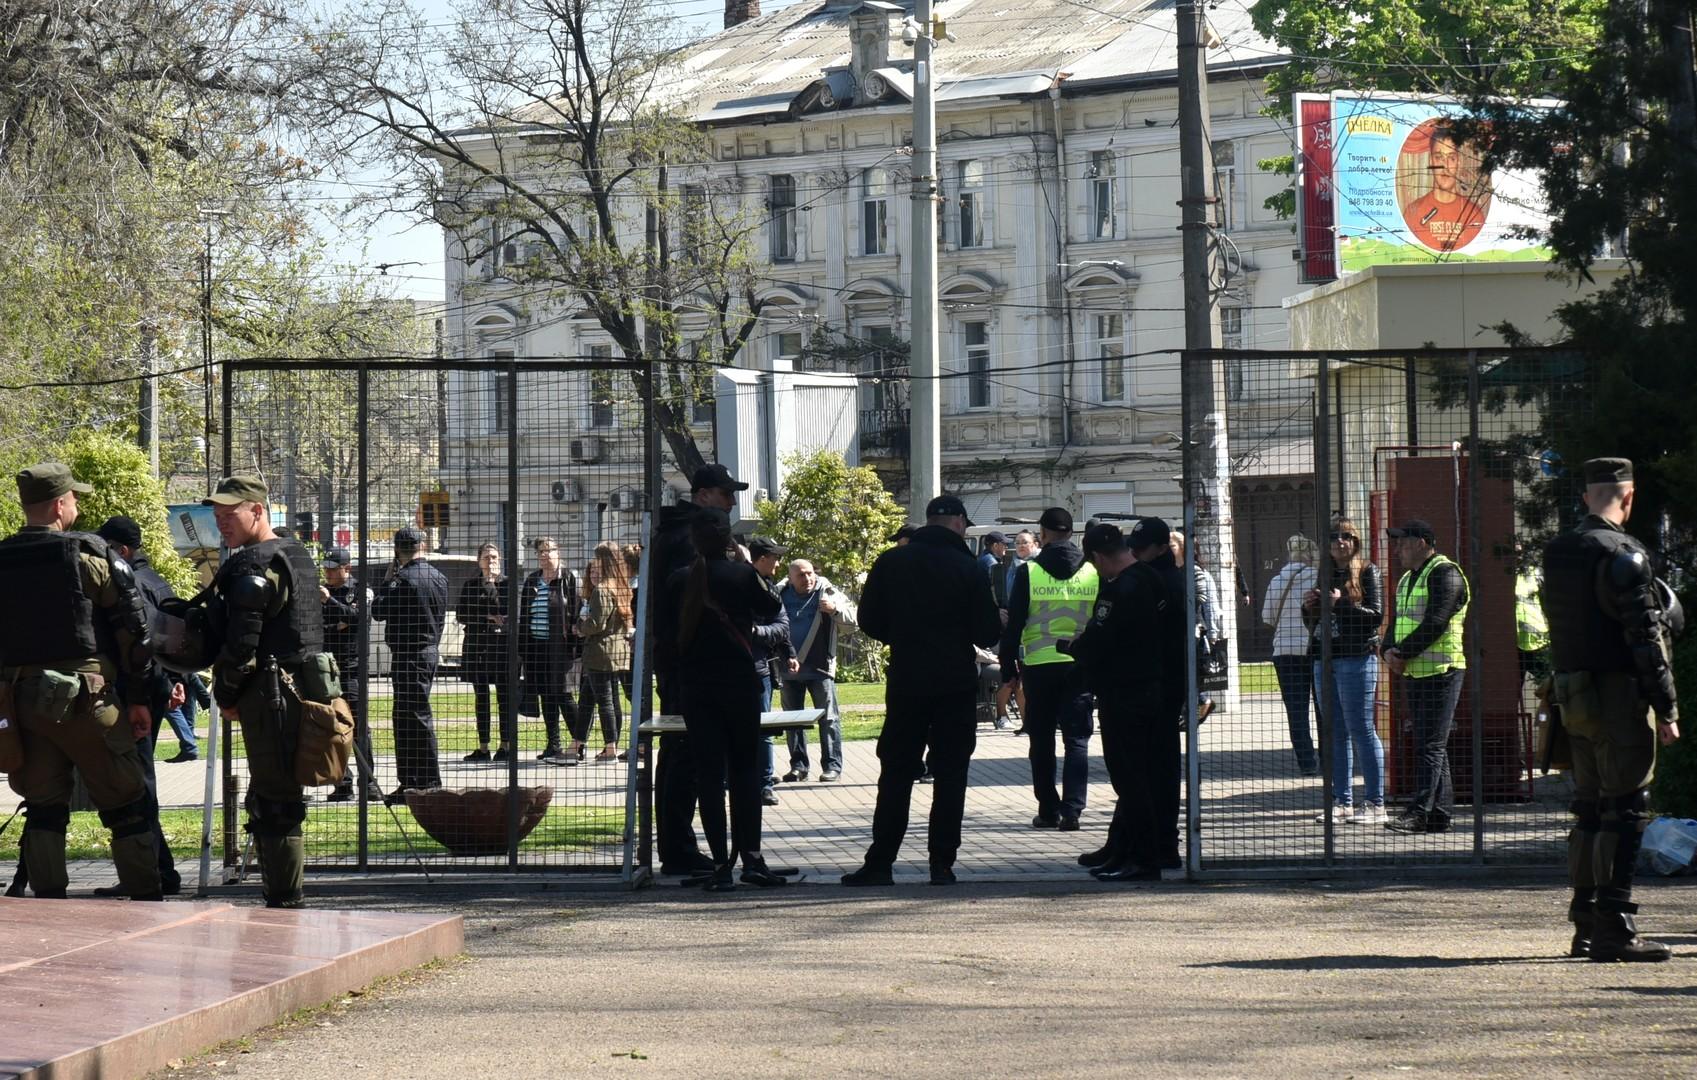 Le massacre d'Odessa : 5 ans après, la tragédie est une plaie toujours ouverte